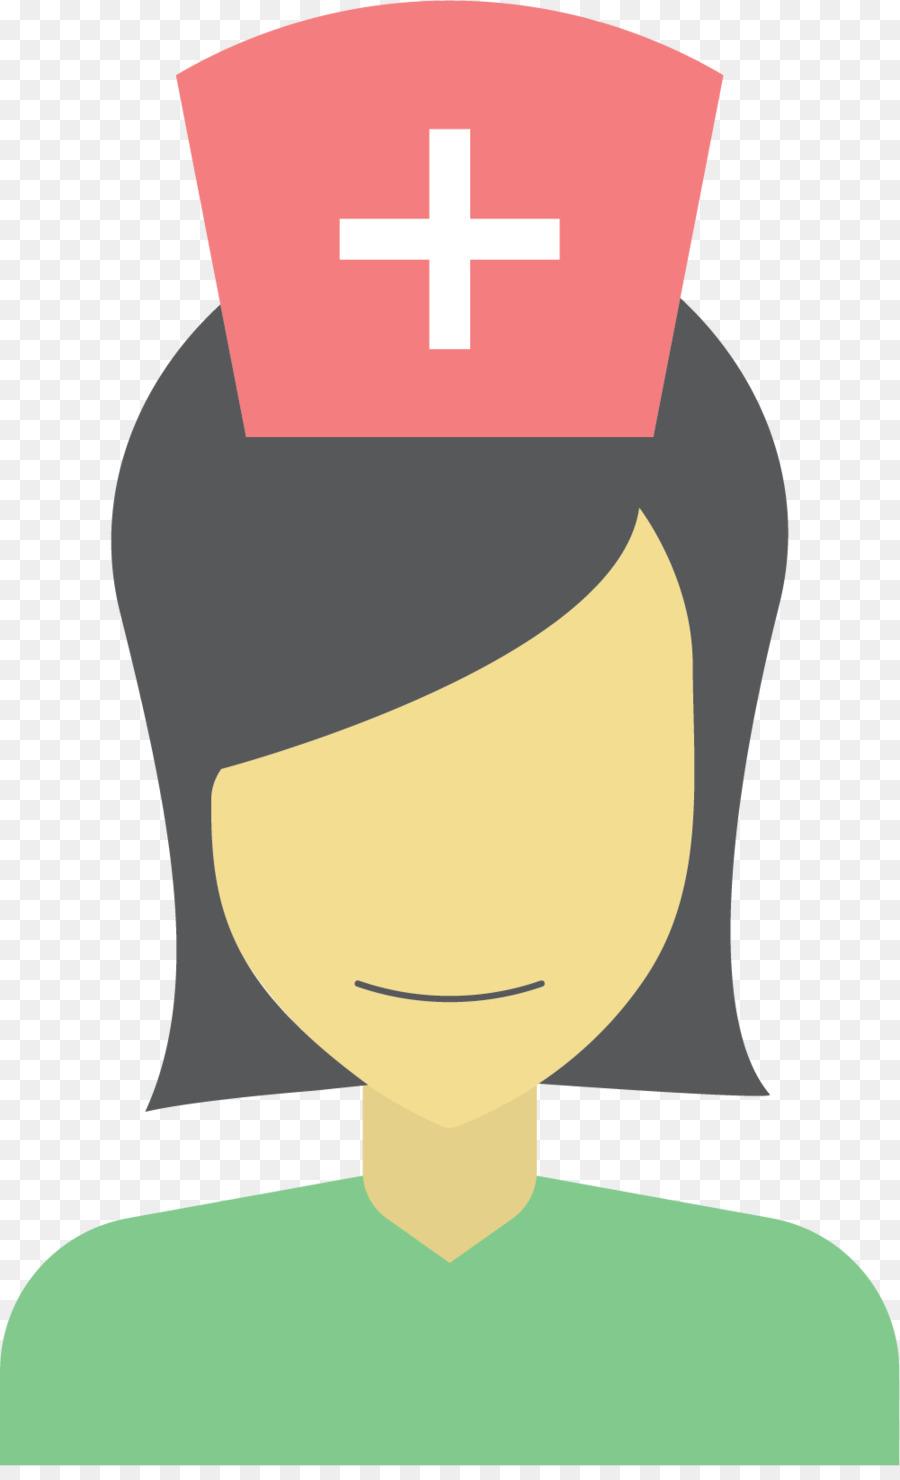 şapka Hemşirelik Cap Küçük Resim Hemşireler şapka Hemşire Png